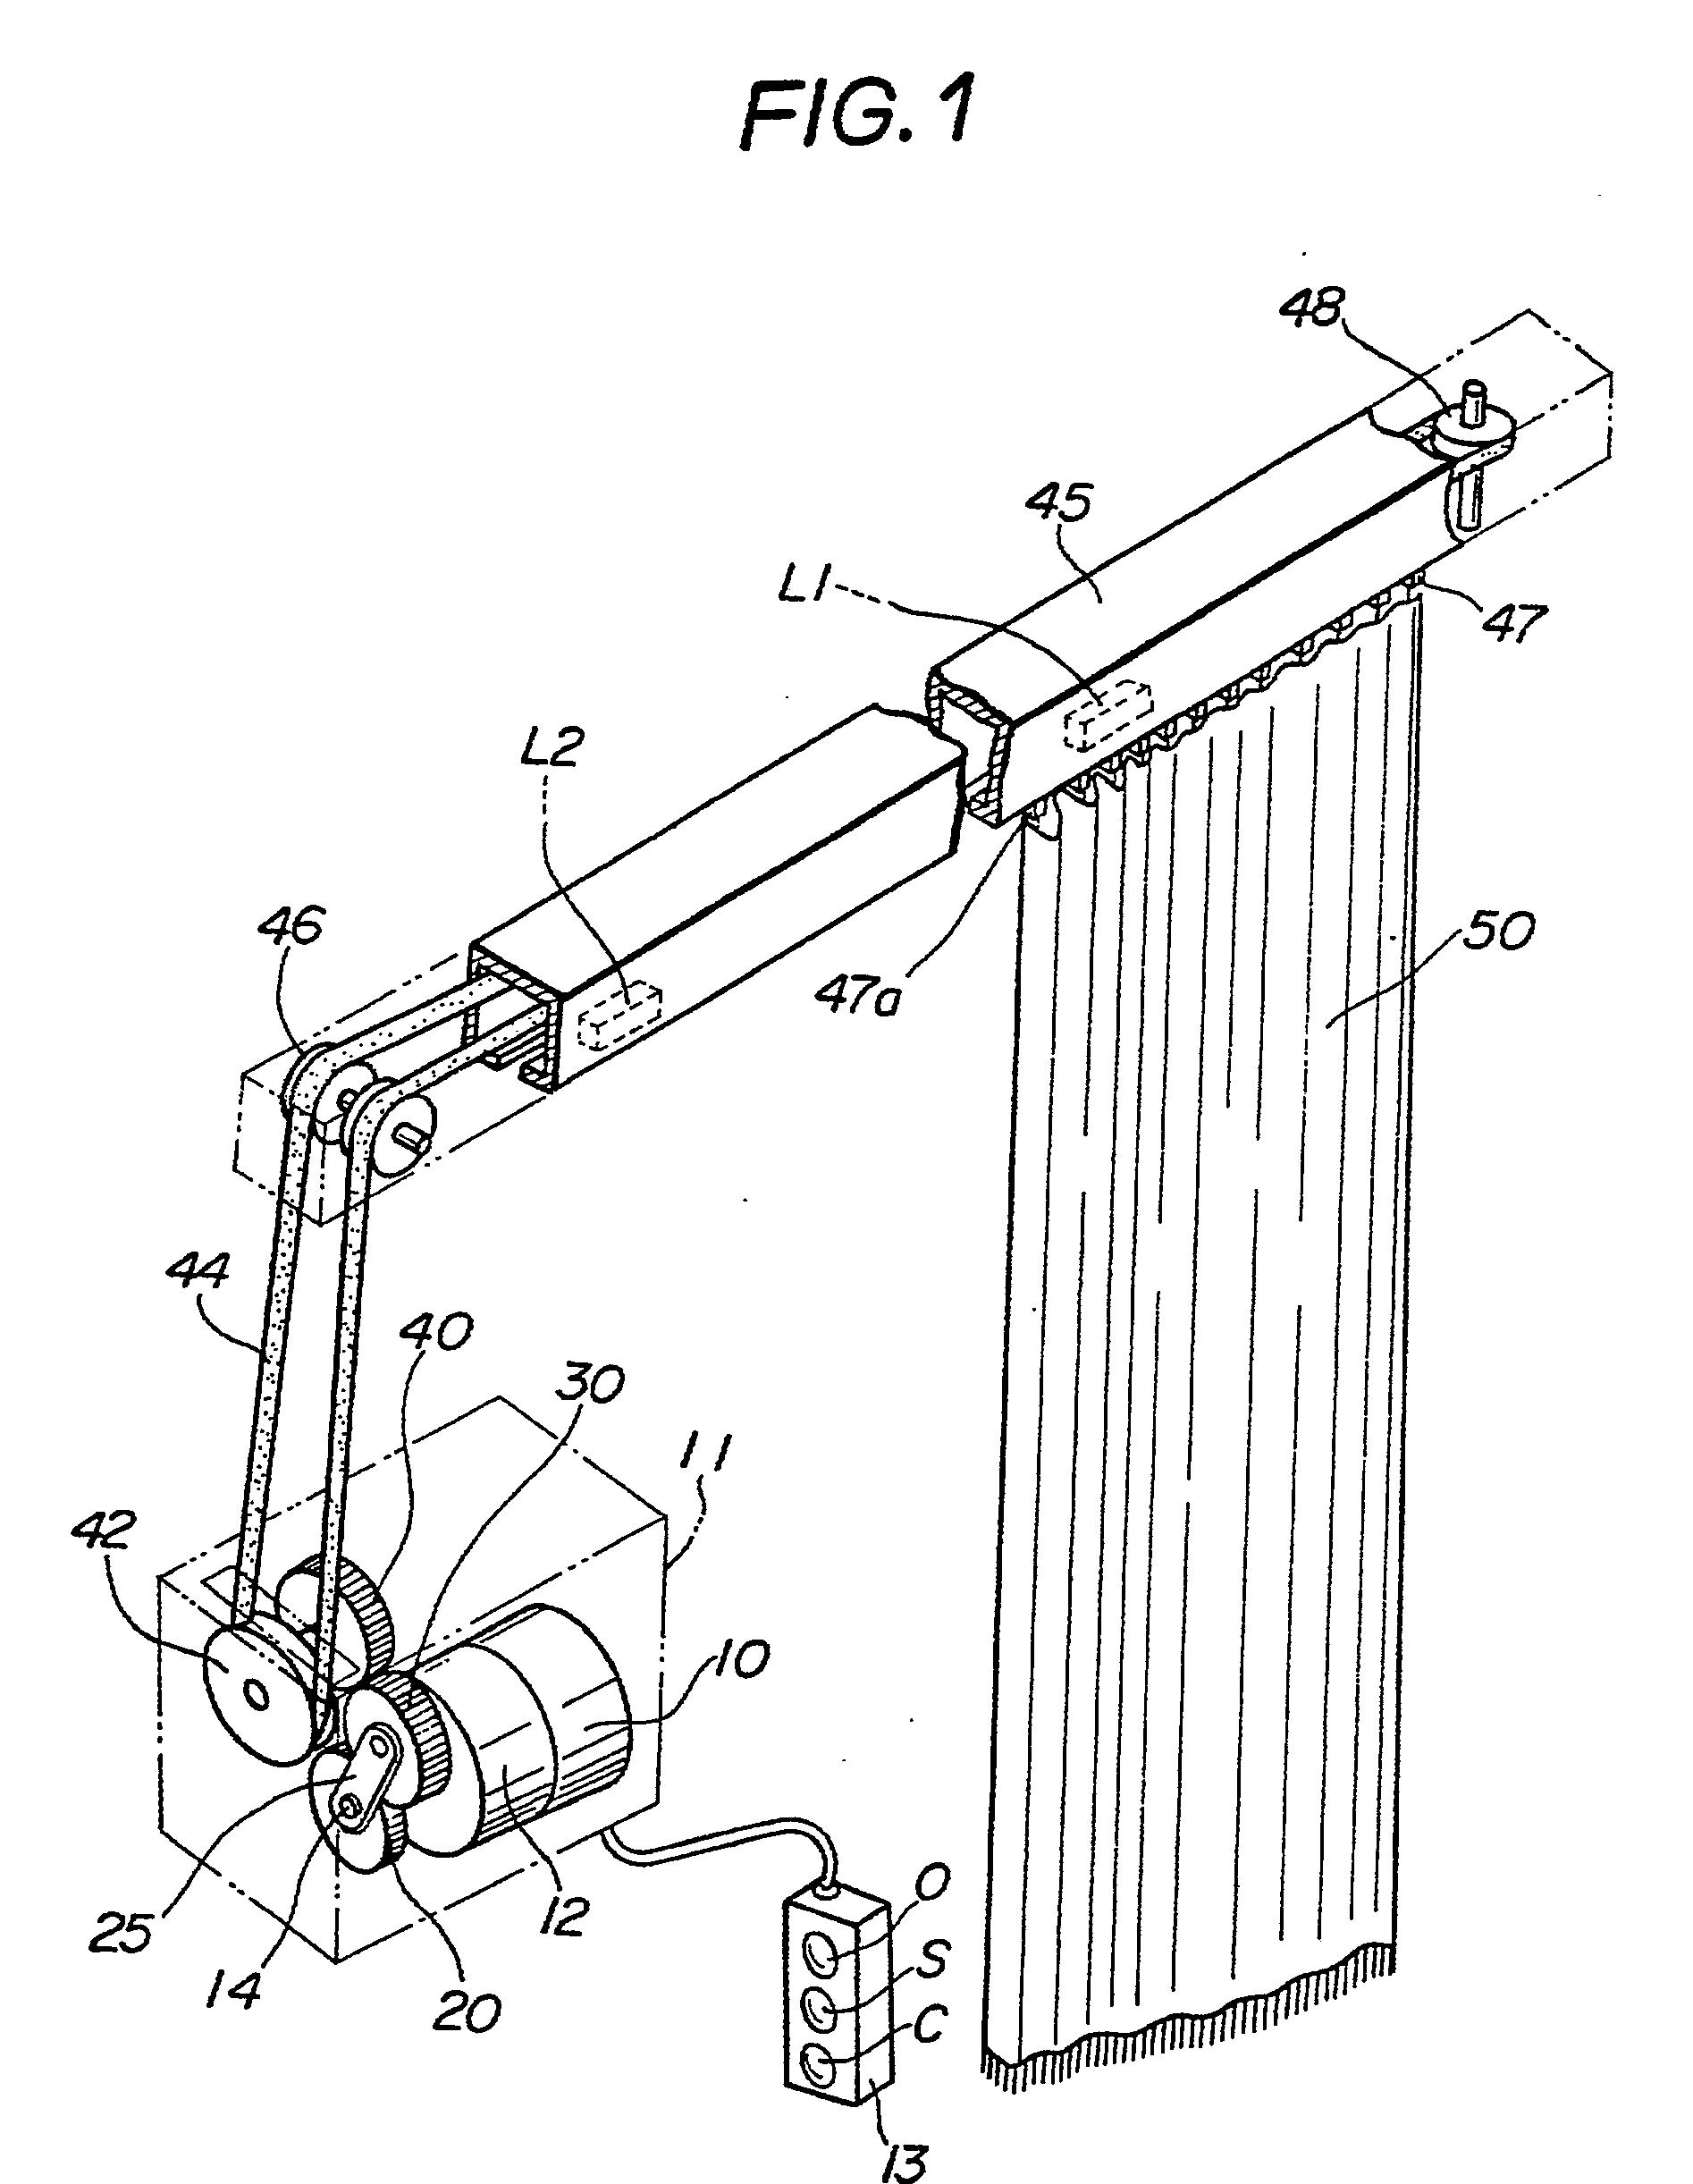 patent ep0282970b1 mit der hand oder elektrisch zu bedienender vorhang google patents. Black Bedroom Furniture Sets. Home Design Ideas